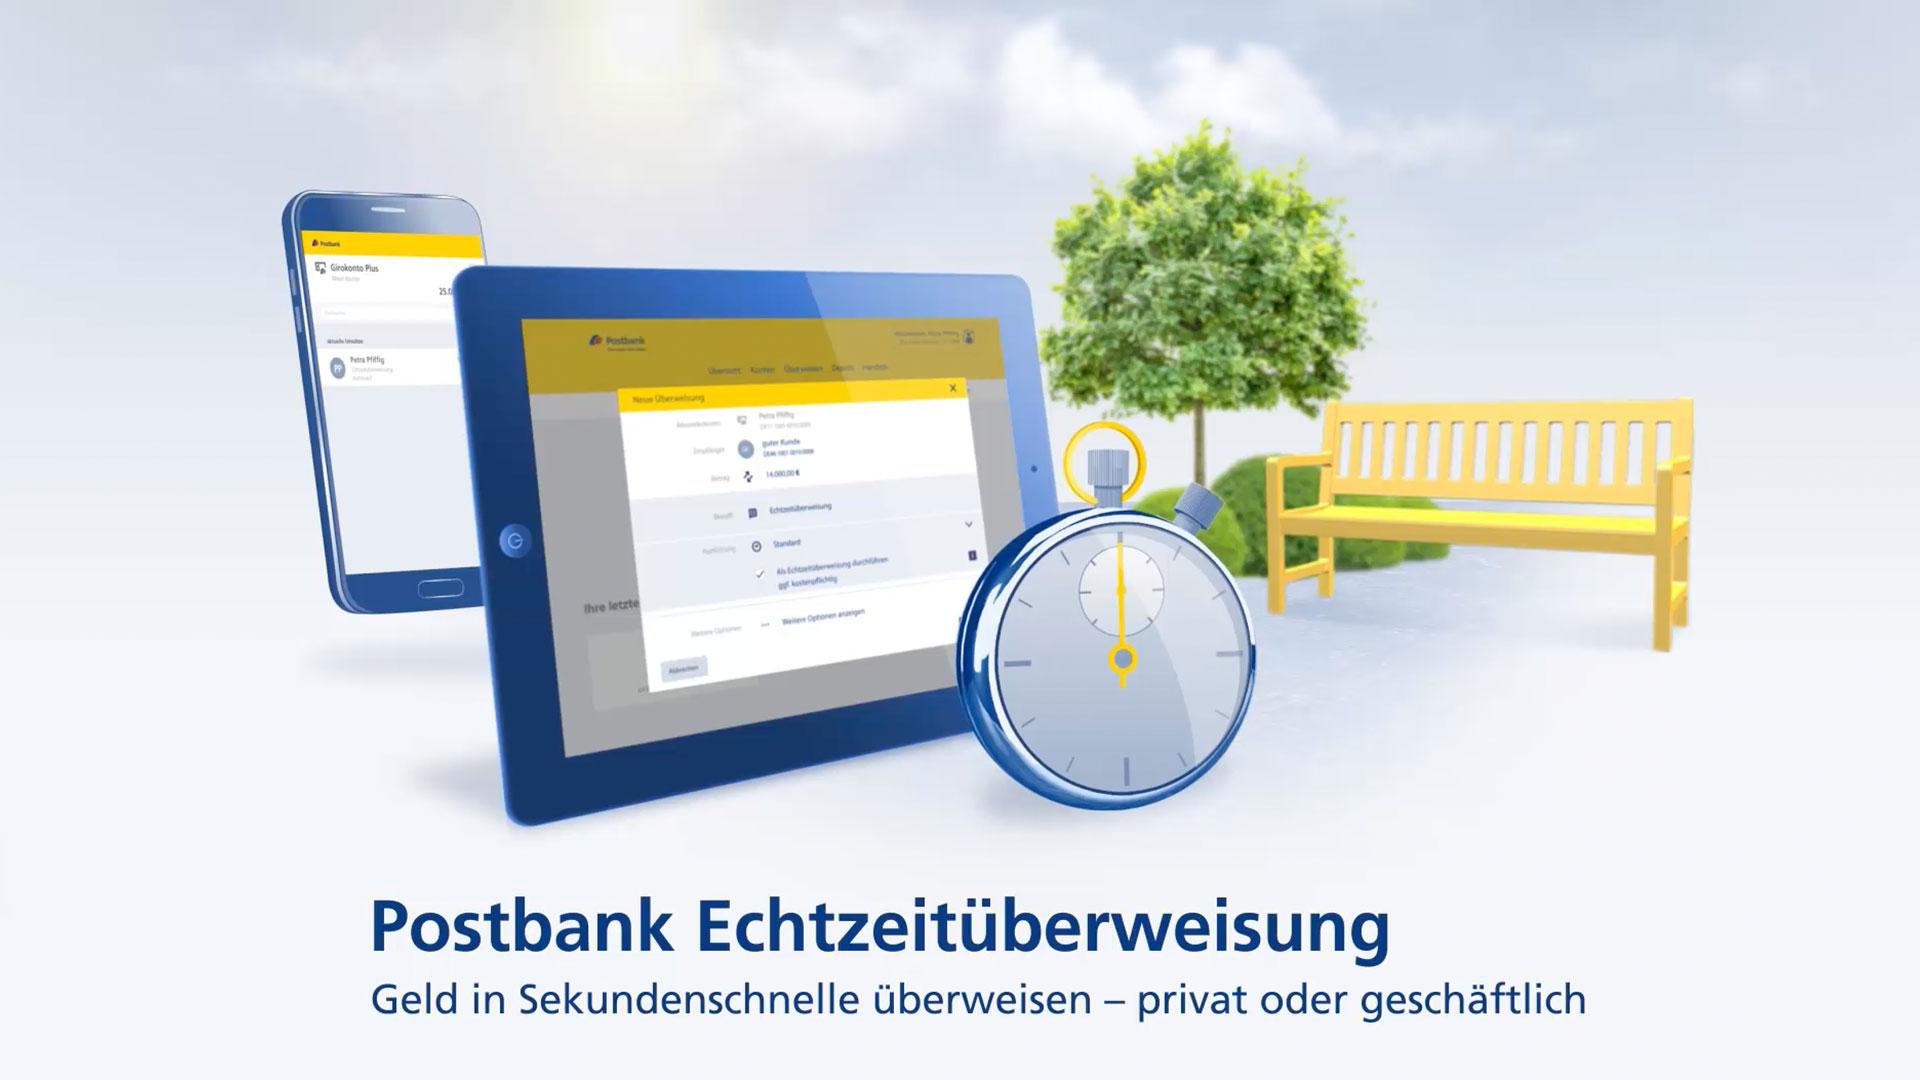 postbank-themenwelten-echtzeitueberweisung-video-1920x1080.jpg